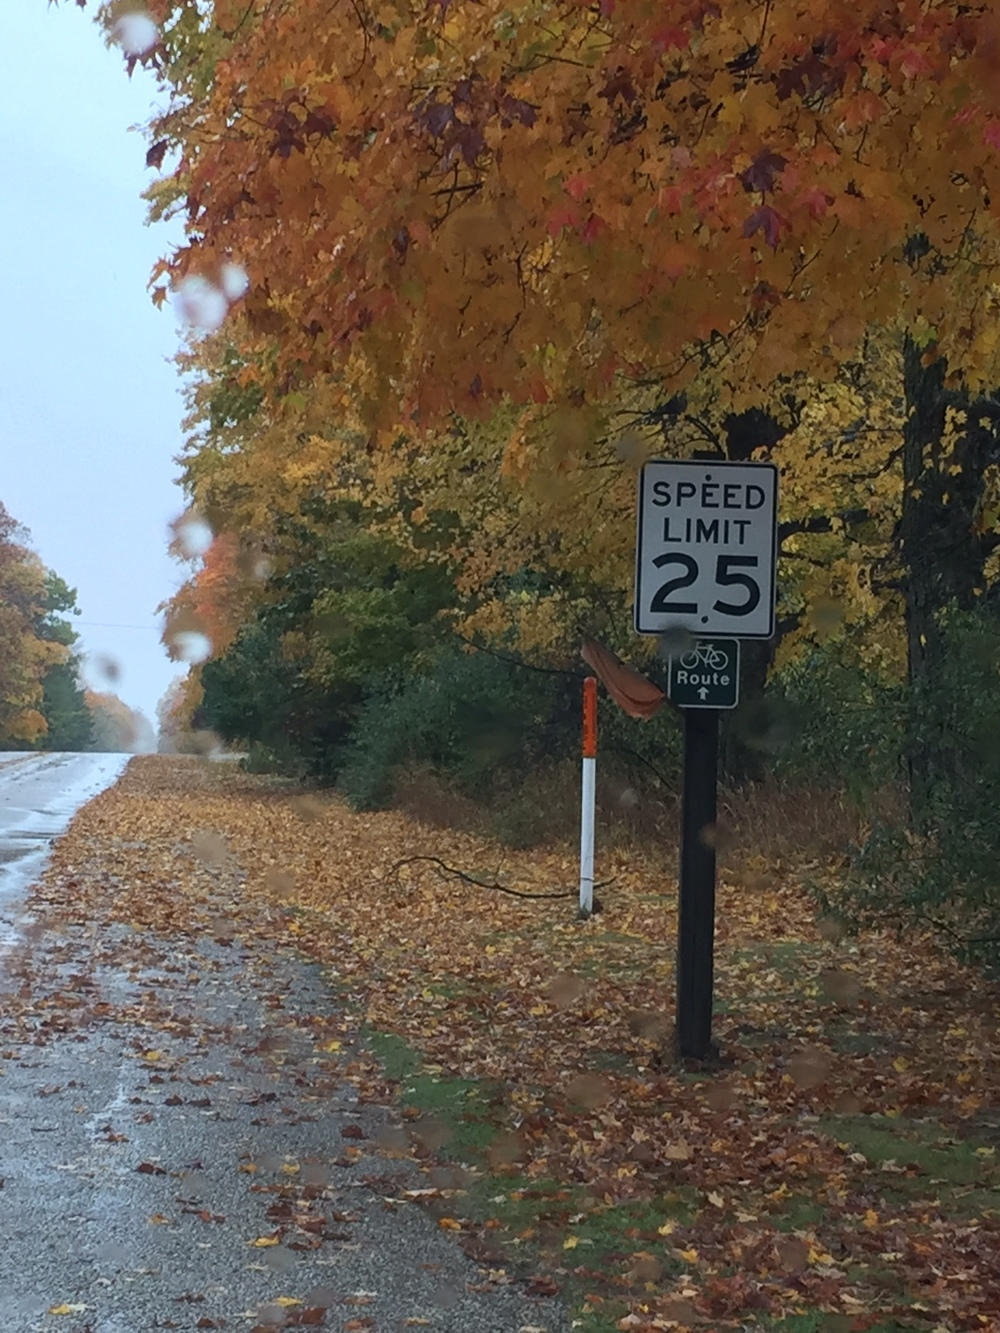 Along Main Road 2